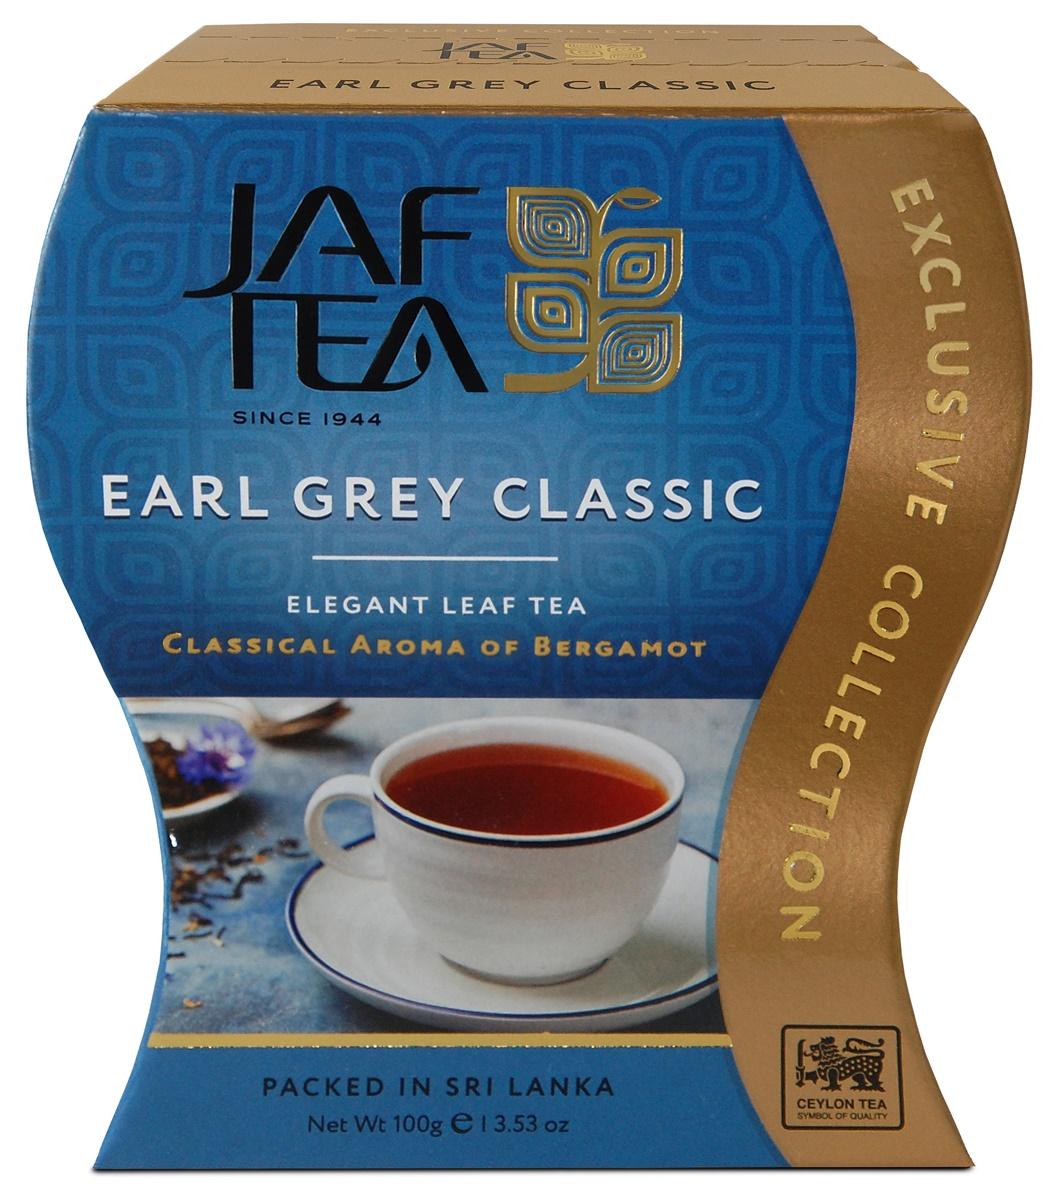 Jaf Tea Earl Grey Classic чай черный листовой с ароматом бергамота, 100 г jaf tea earl grey classic чай черный листовой с ароматом бергамота 100 г